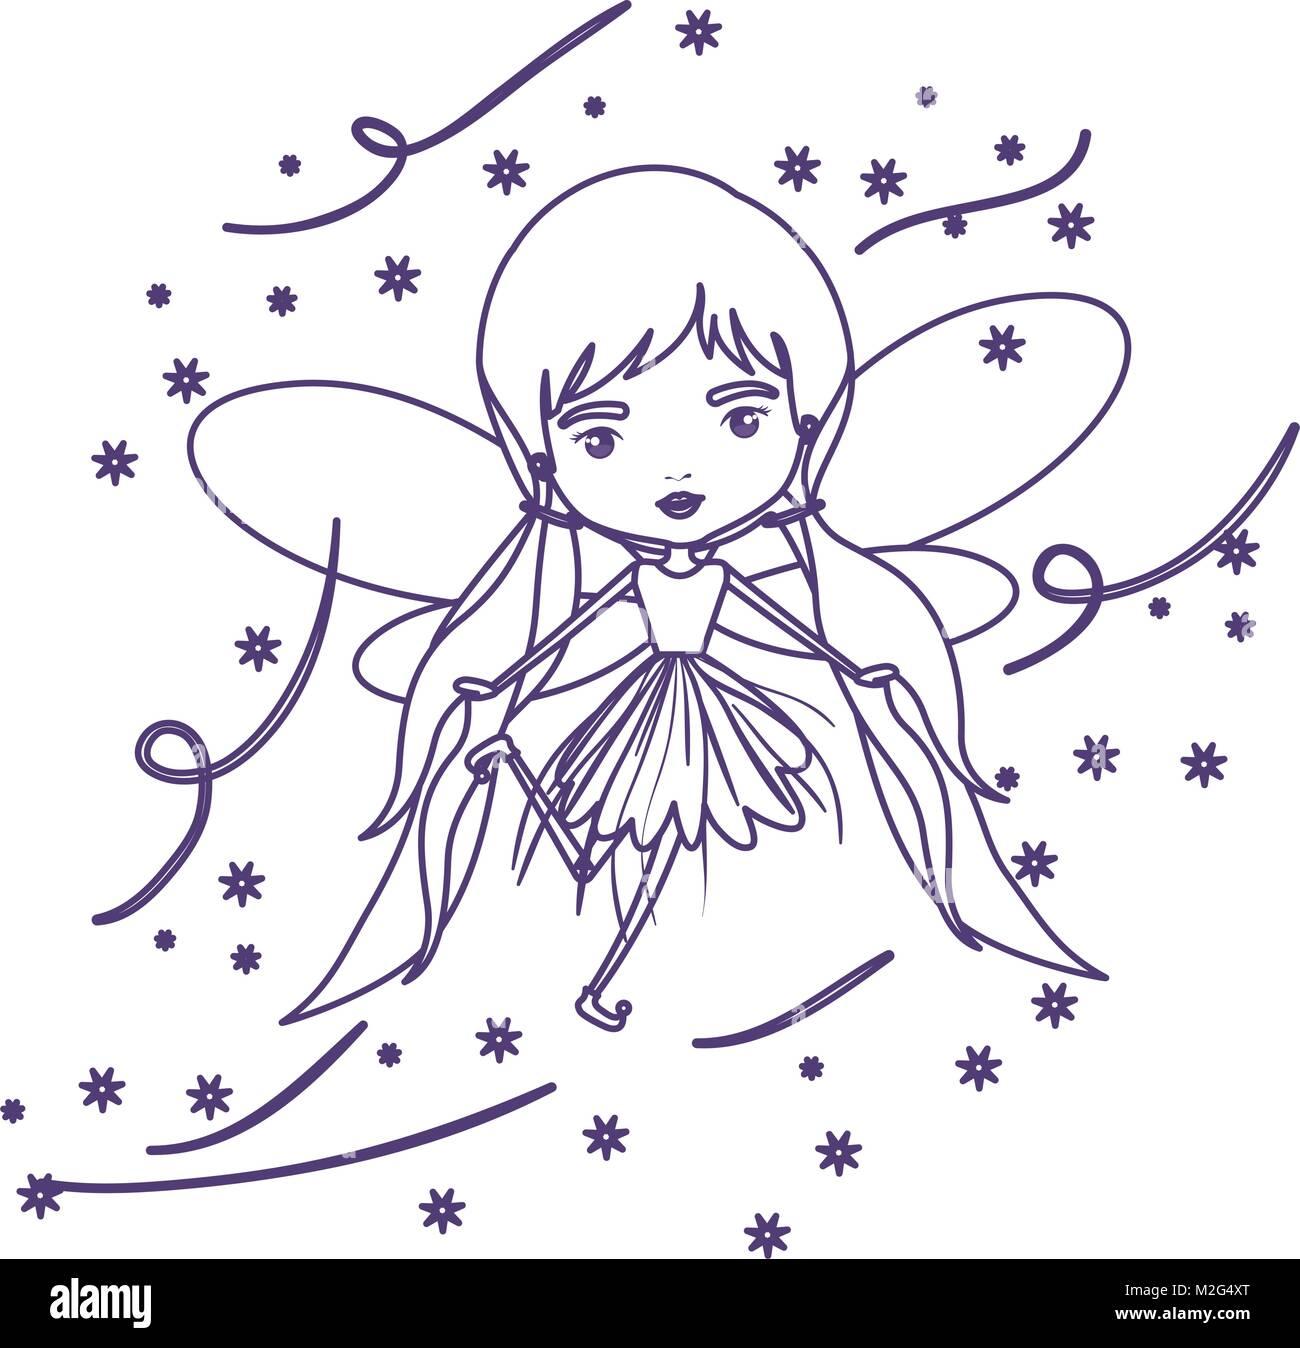 Girly fairy battant avec des ailes et des tresses hairstyle et étoile en violet sur fond blanc contour Photo Stock